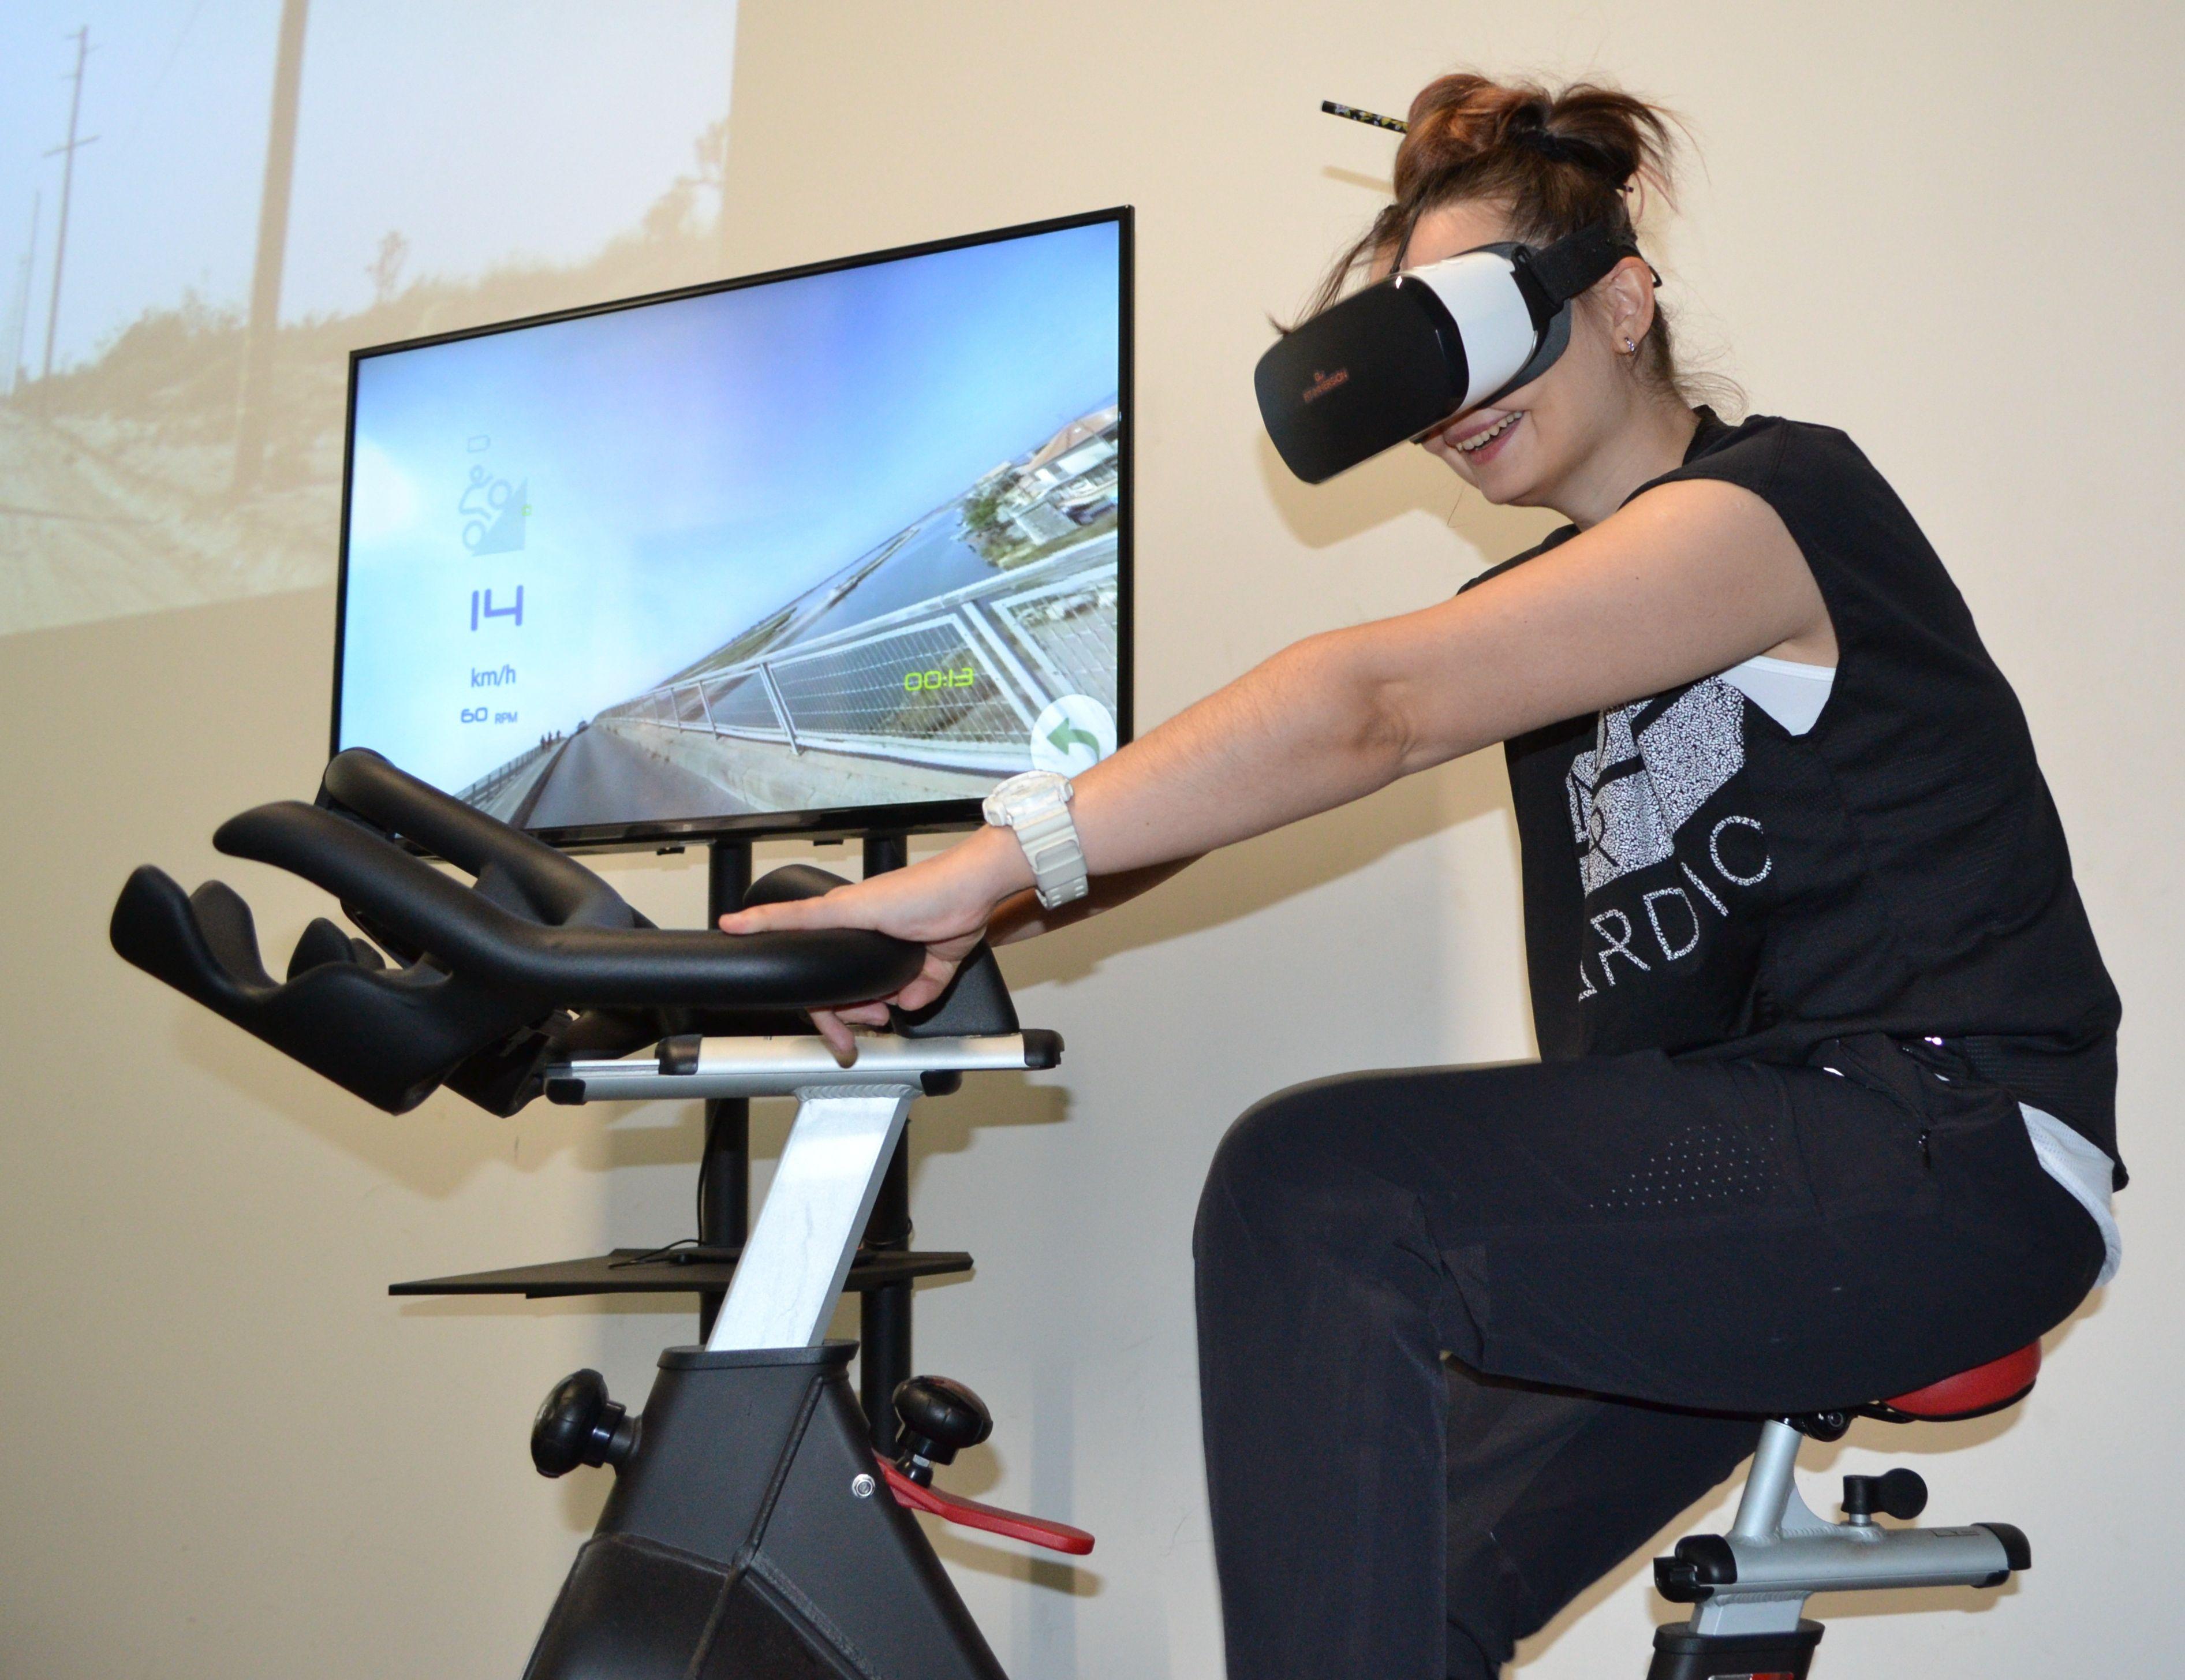 La technologie Fit Immersion permet de faire du vélo d'appartement tout en étant immergé sur des tracés réels